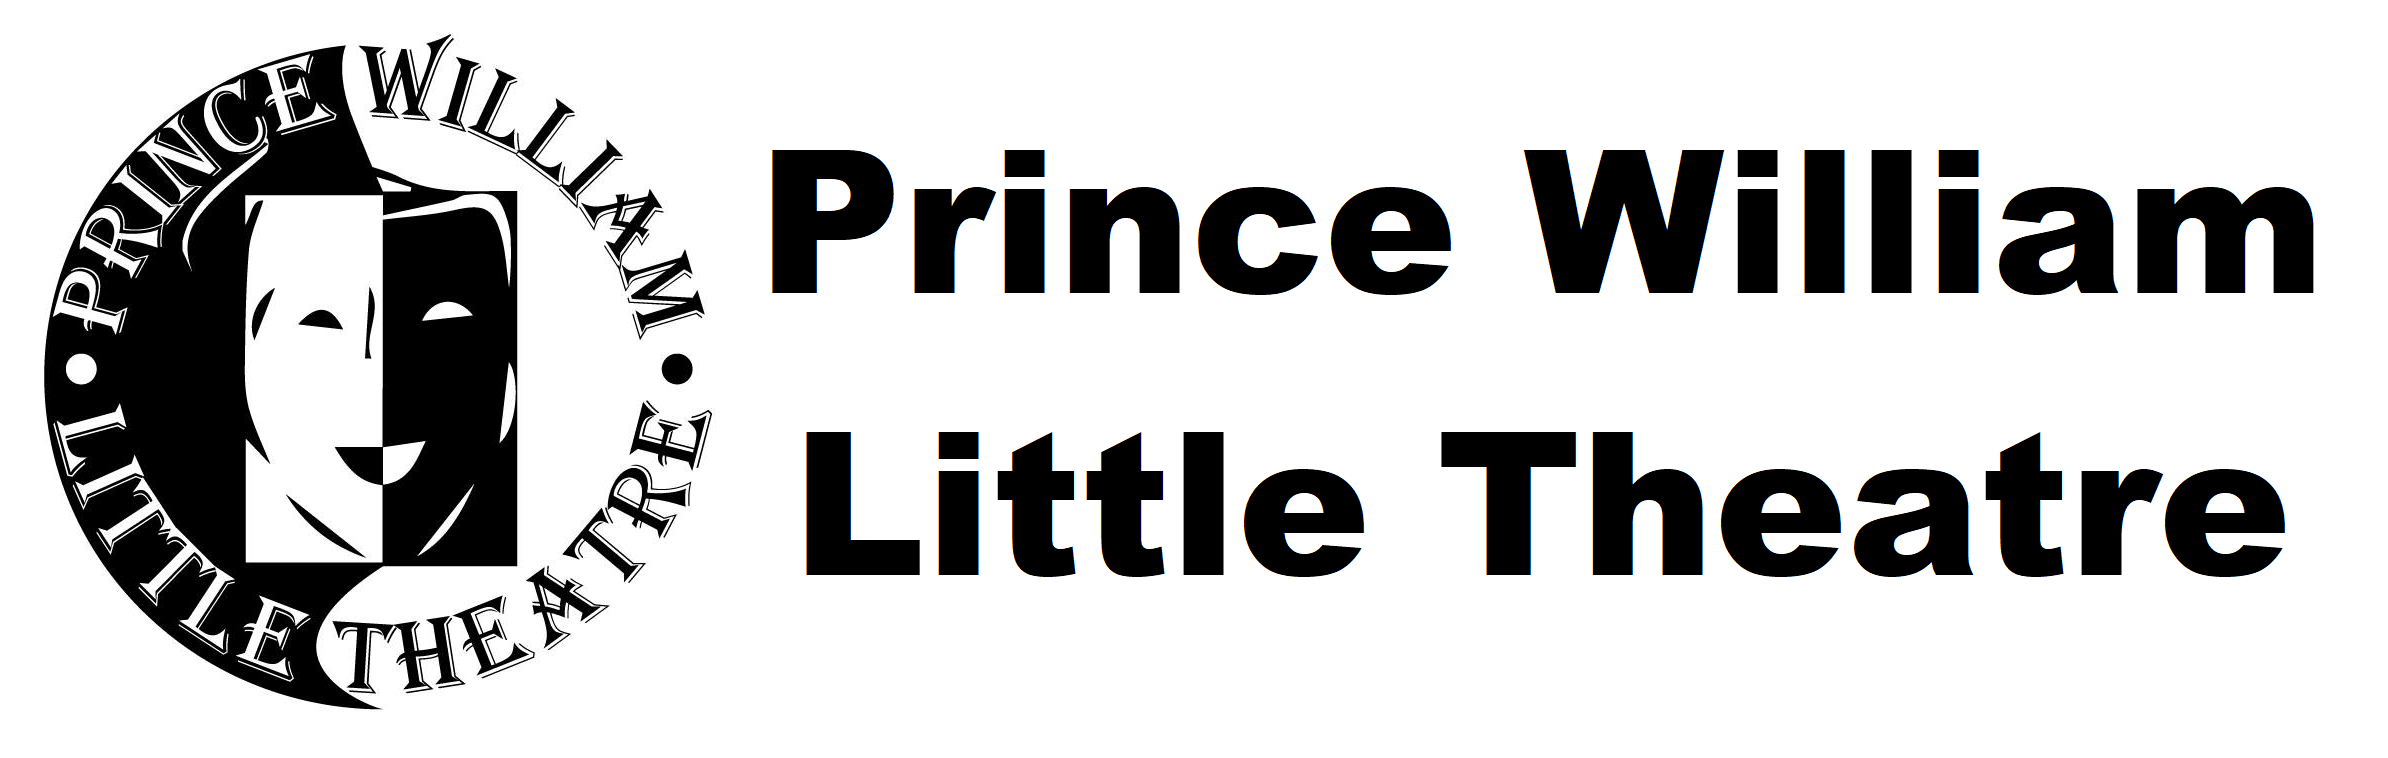 Prince William Little Theatre